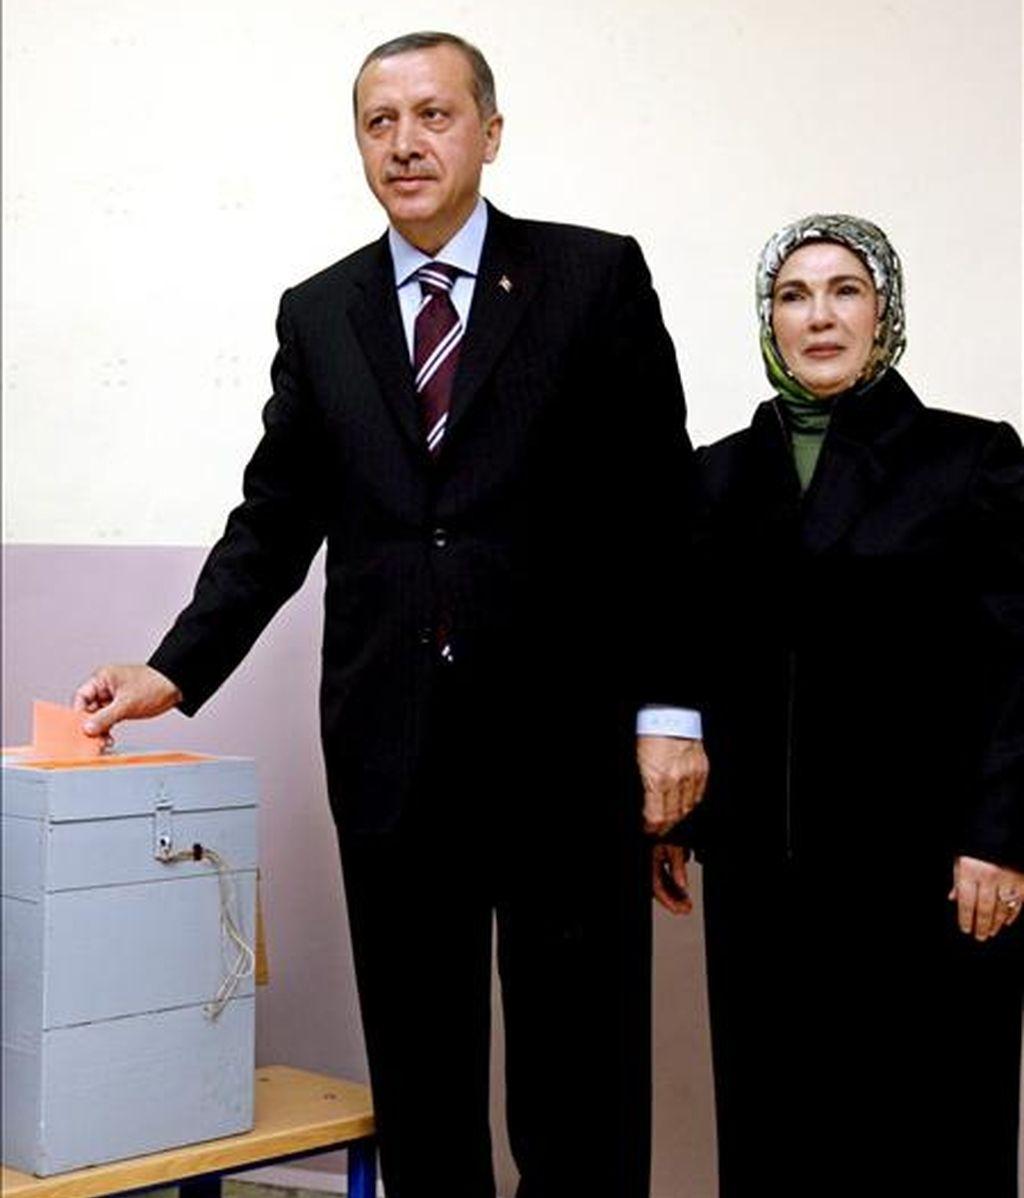 El primer ministro turco, Recep Tayyip Erdogan, acompañado por su mujer, Emine Erdogan (d), deposita hoy su voto para las elecciones municipales en un colegio electoral en Estanbul, Turquía. EFE